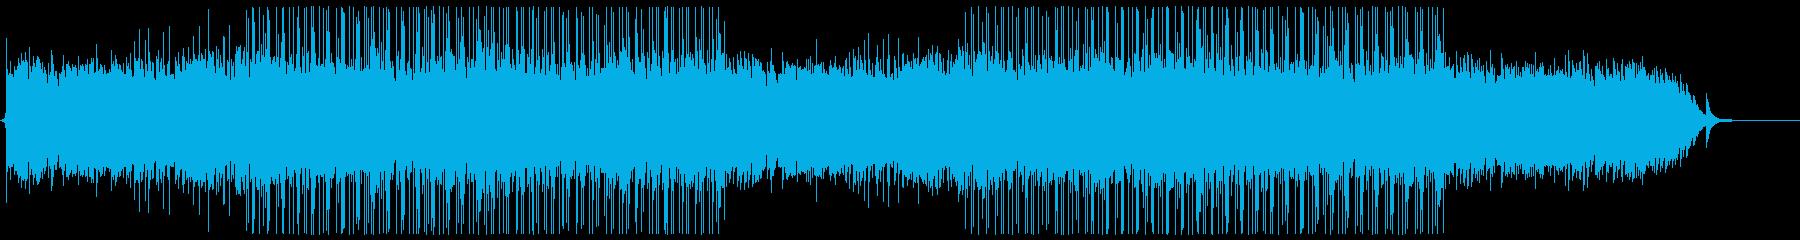 【メロ抜き】ムービー向けのしっとりピアノの再生済みの波形